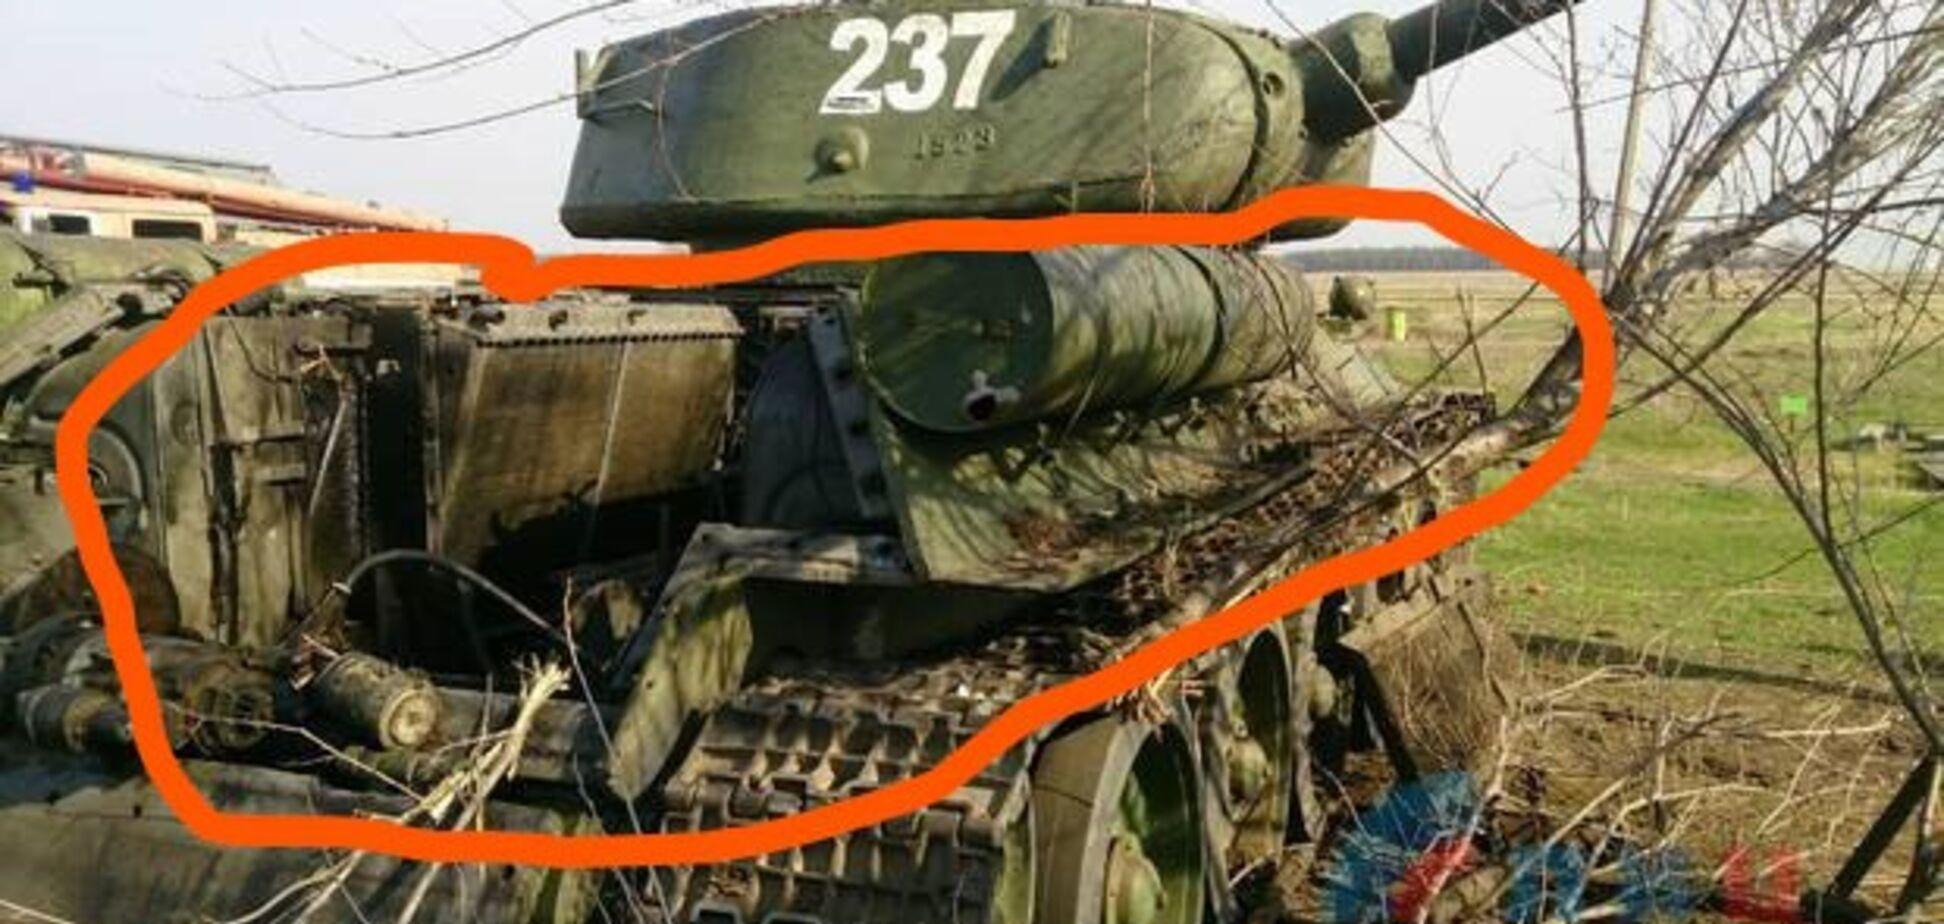 'Розгром' армади під Луганськом: викрито гучний фейк 'ЛНР'